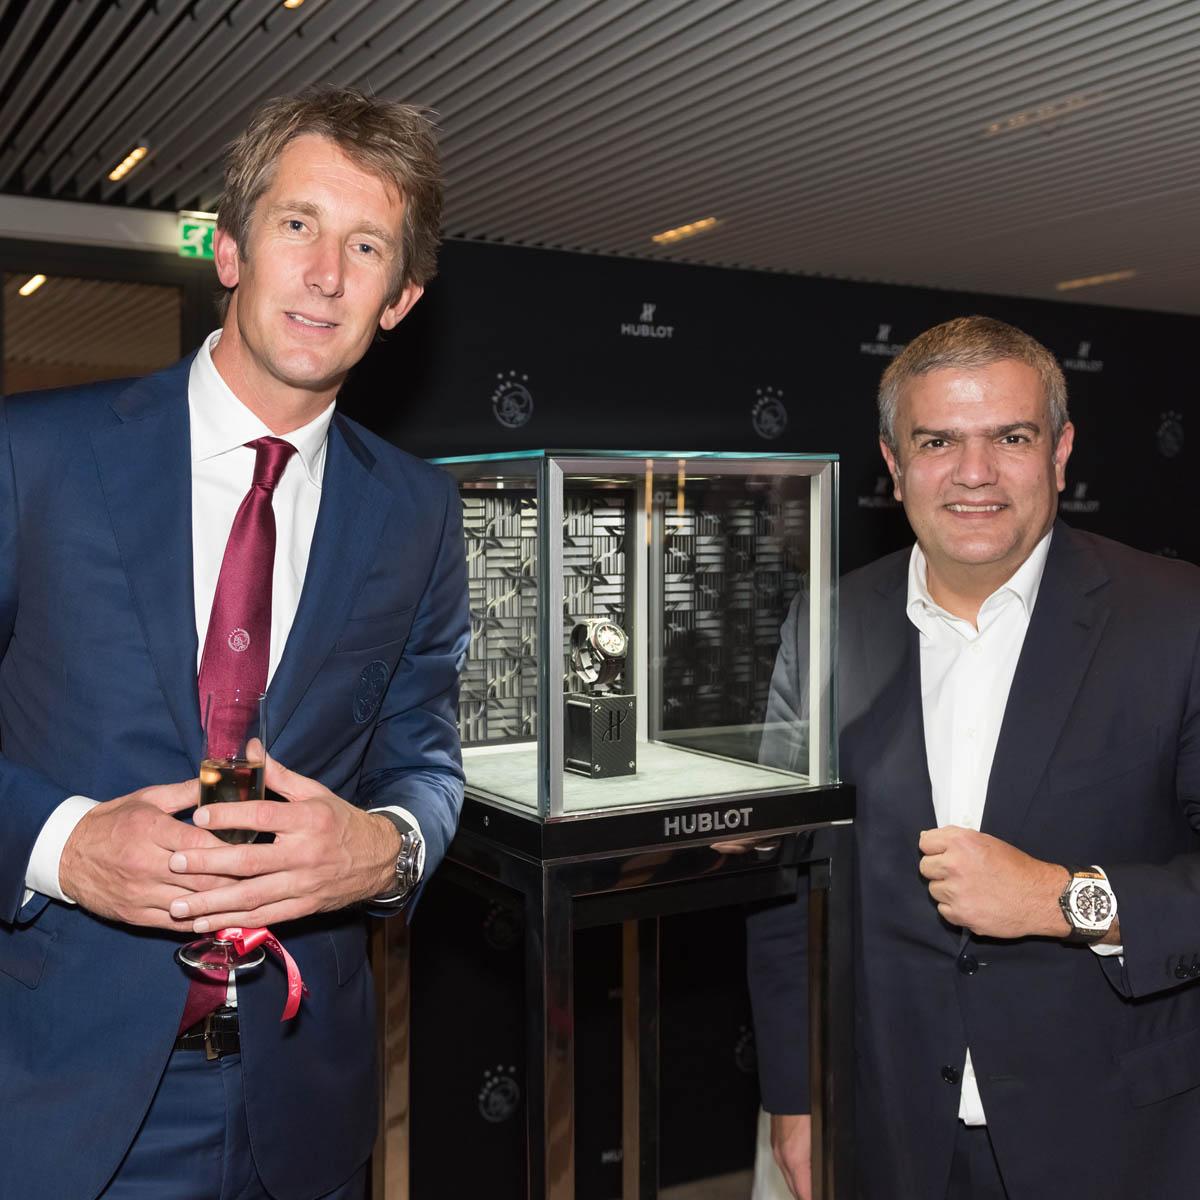 La Cote des Montres : Photo - Hublot et l'Ajax prolonge leur partenariat